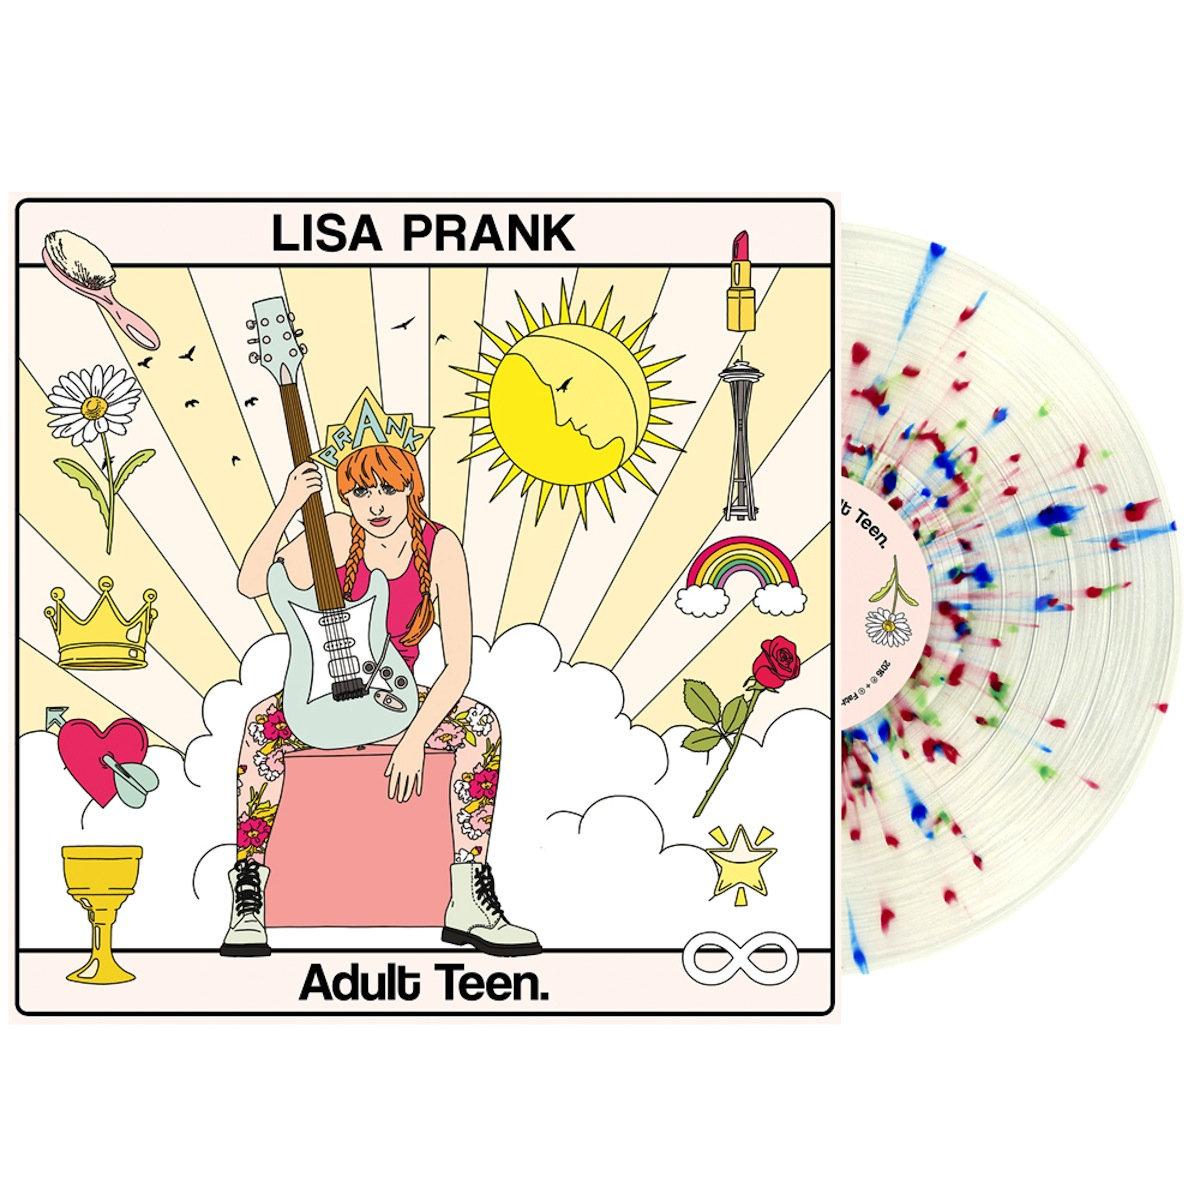 Adult Teen | Lisa Prank